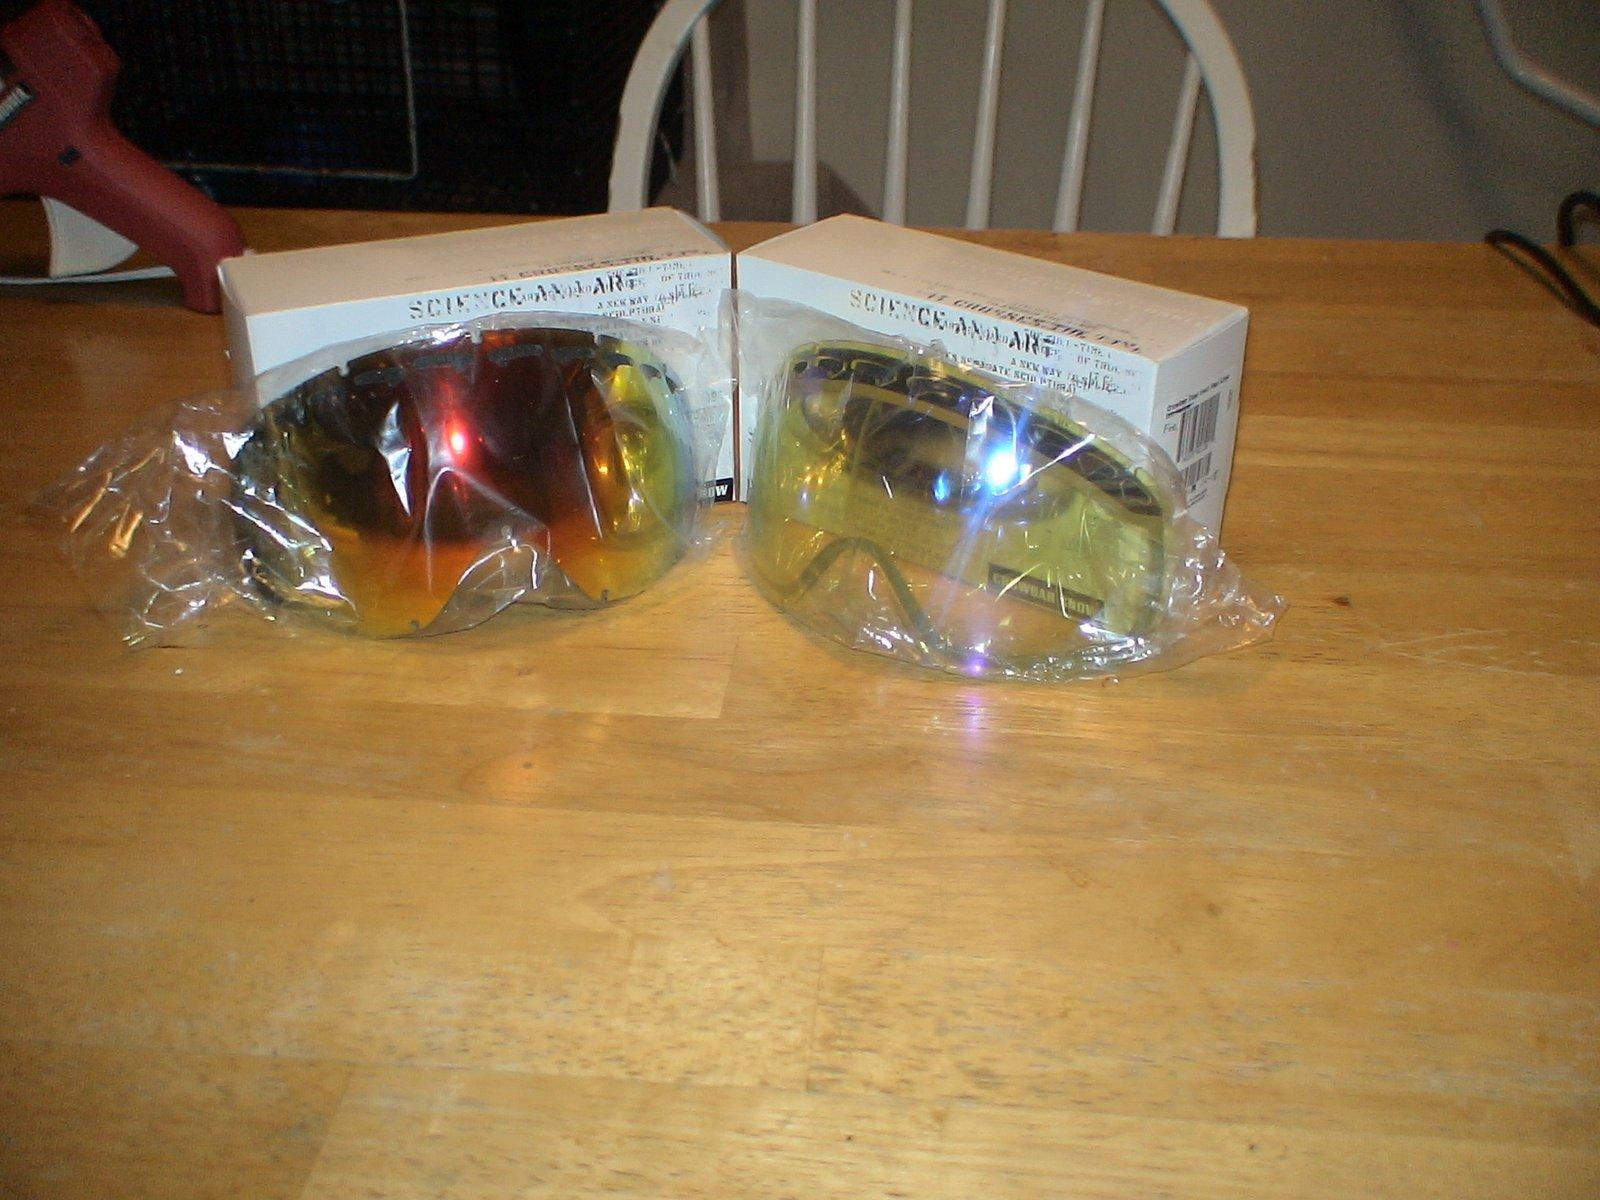 Cbar lenses